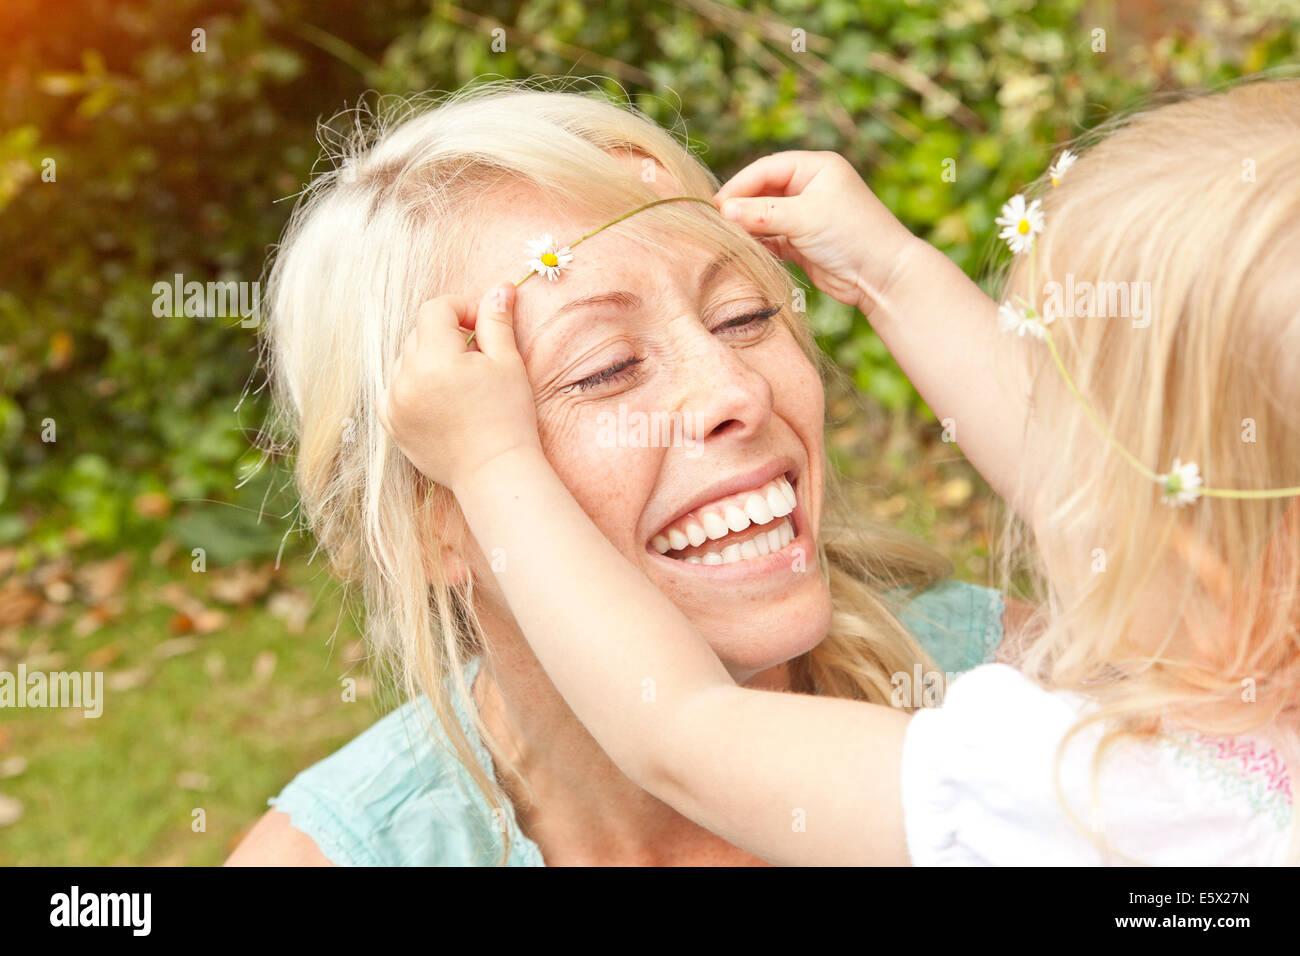 Cerca del infante femenino colocando daisy chain en el cabello de la madre en el jardín Foto de stock